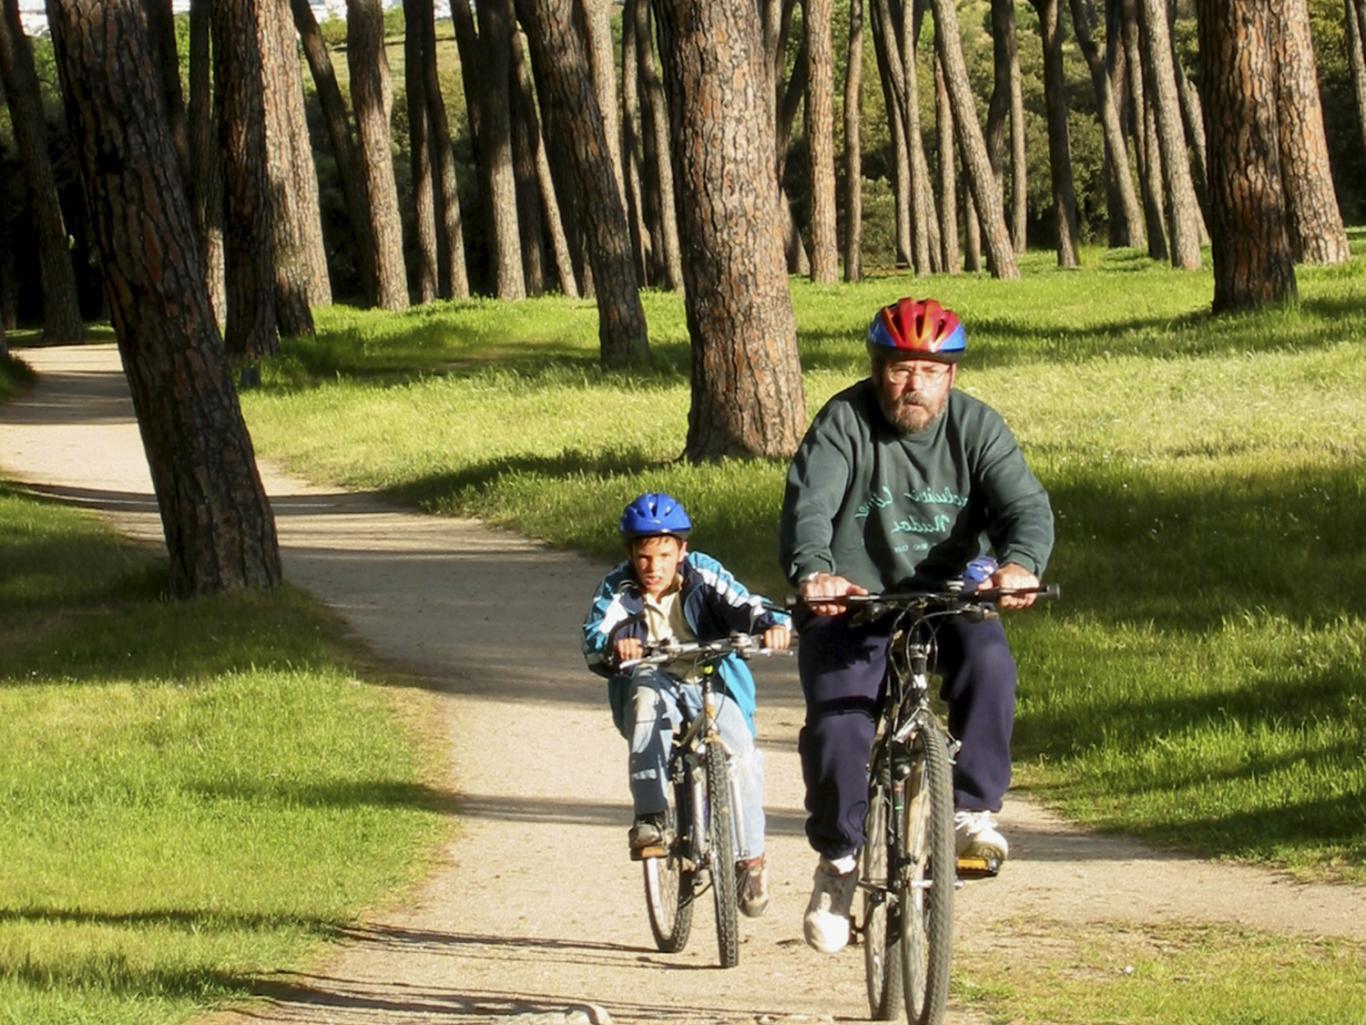 Imagen de un hombre y un niño en bicicleta pedaleando en un camino entre árboles